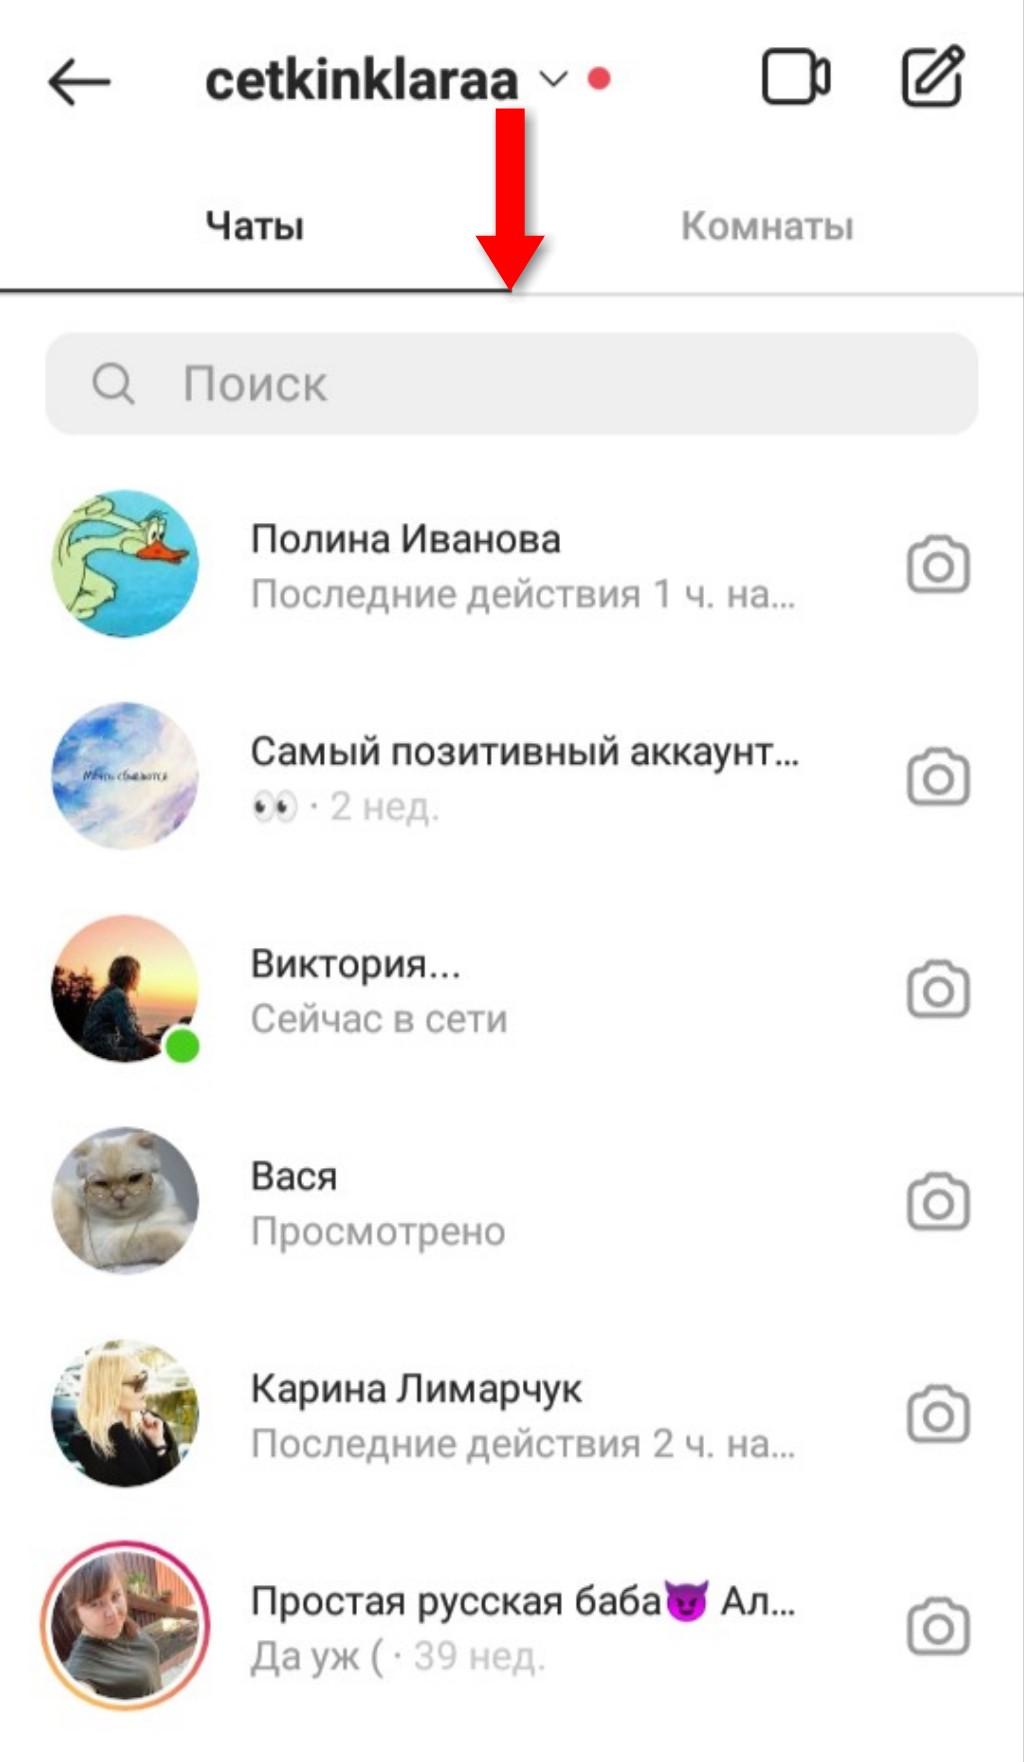 InFrame_1628466241170.jpg